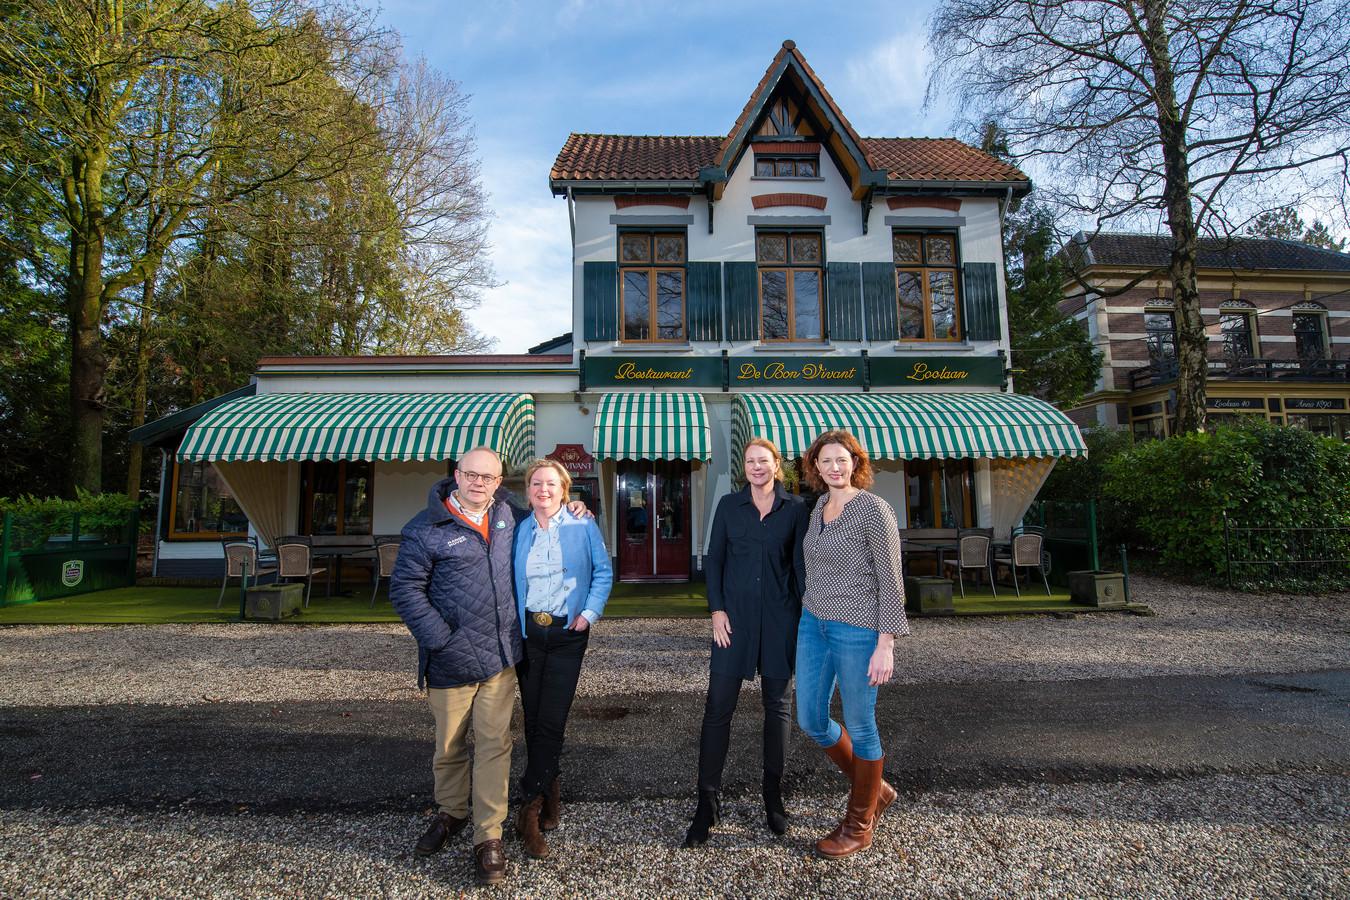 Restaurant De Bon Vivant krijgt nieuwe eigenaren. Links de oude eigenaren, Hans en Yvonne Winter, rechtse de nieuwe, Janet Eilander en Astrid Westdorp.